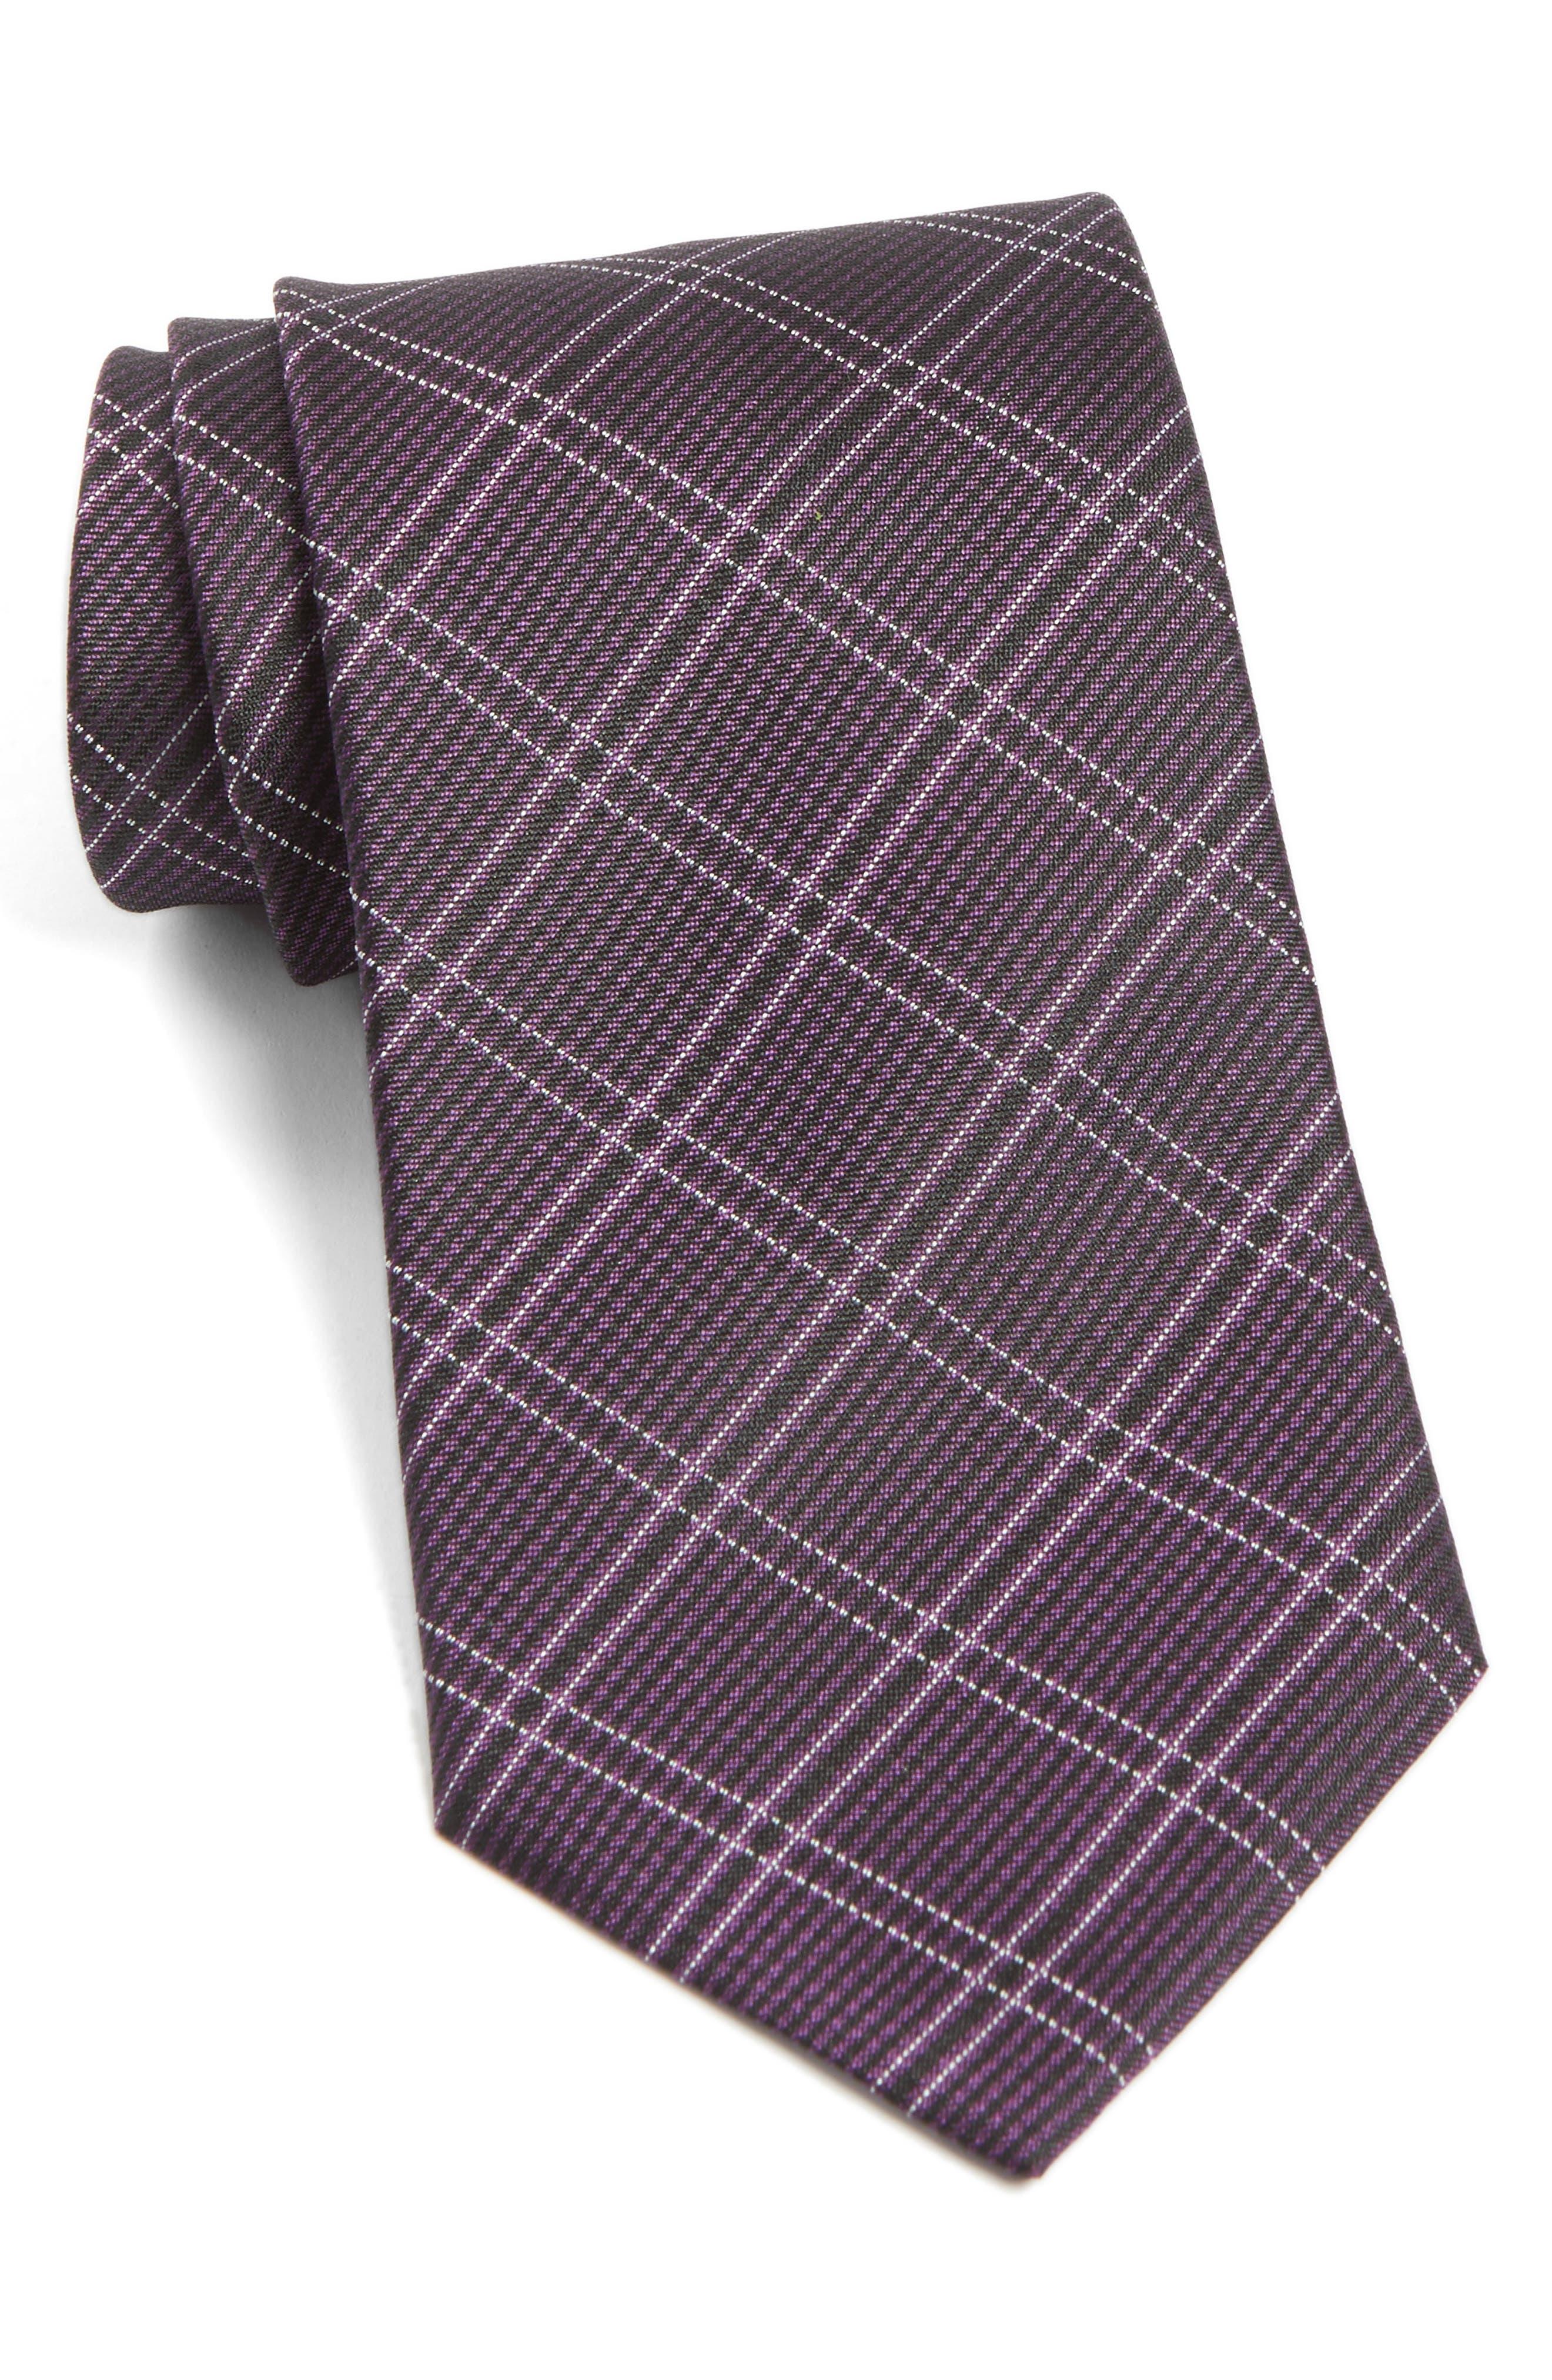 Plaid Silk Tie,                             Main thumbnail 1, color,                             Violet